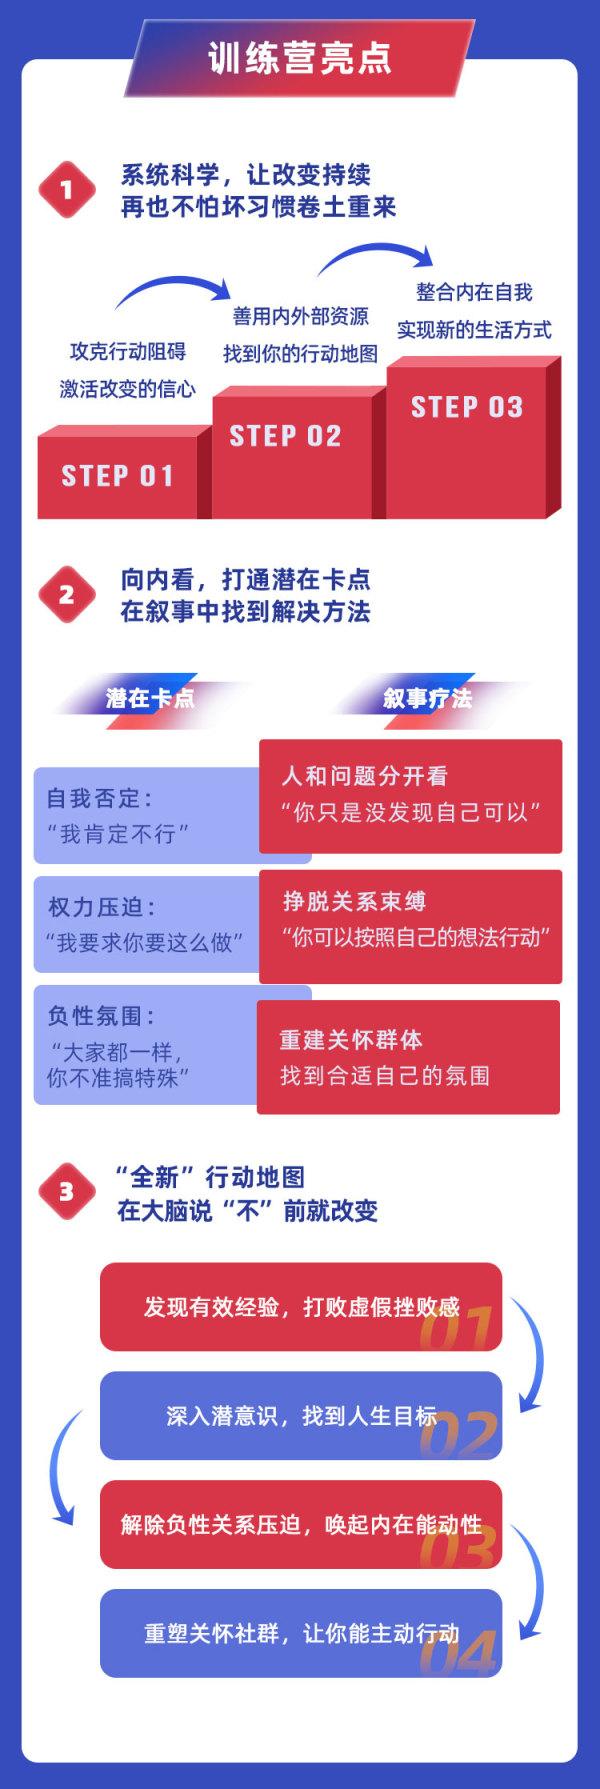 训练营详情页 (3).jpg